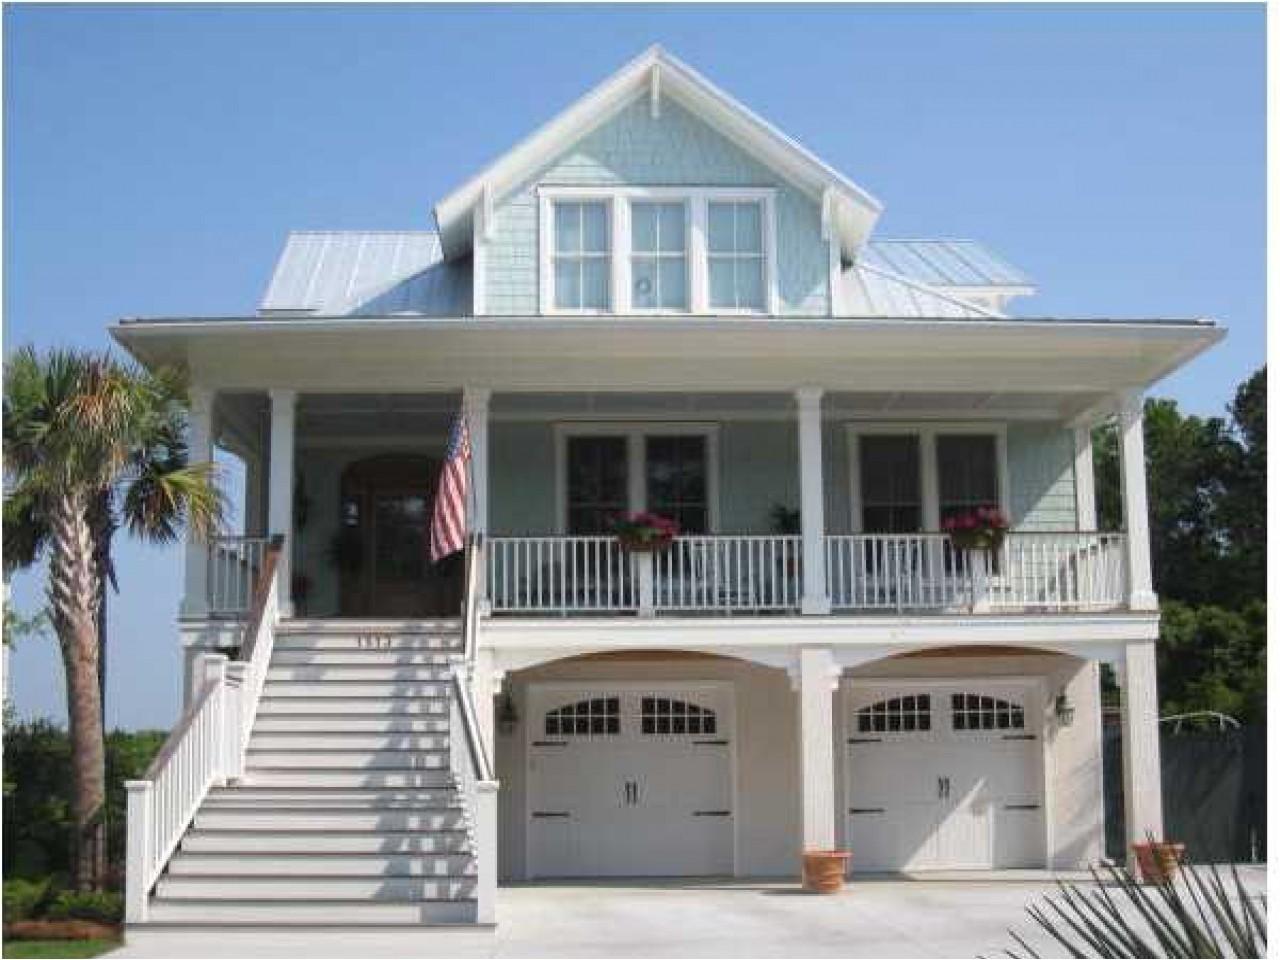 5e5853c92d20c0d8 small beach house exteriors coastal cottage exterior house colors